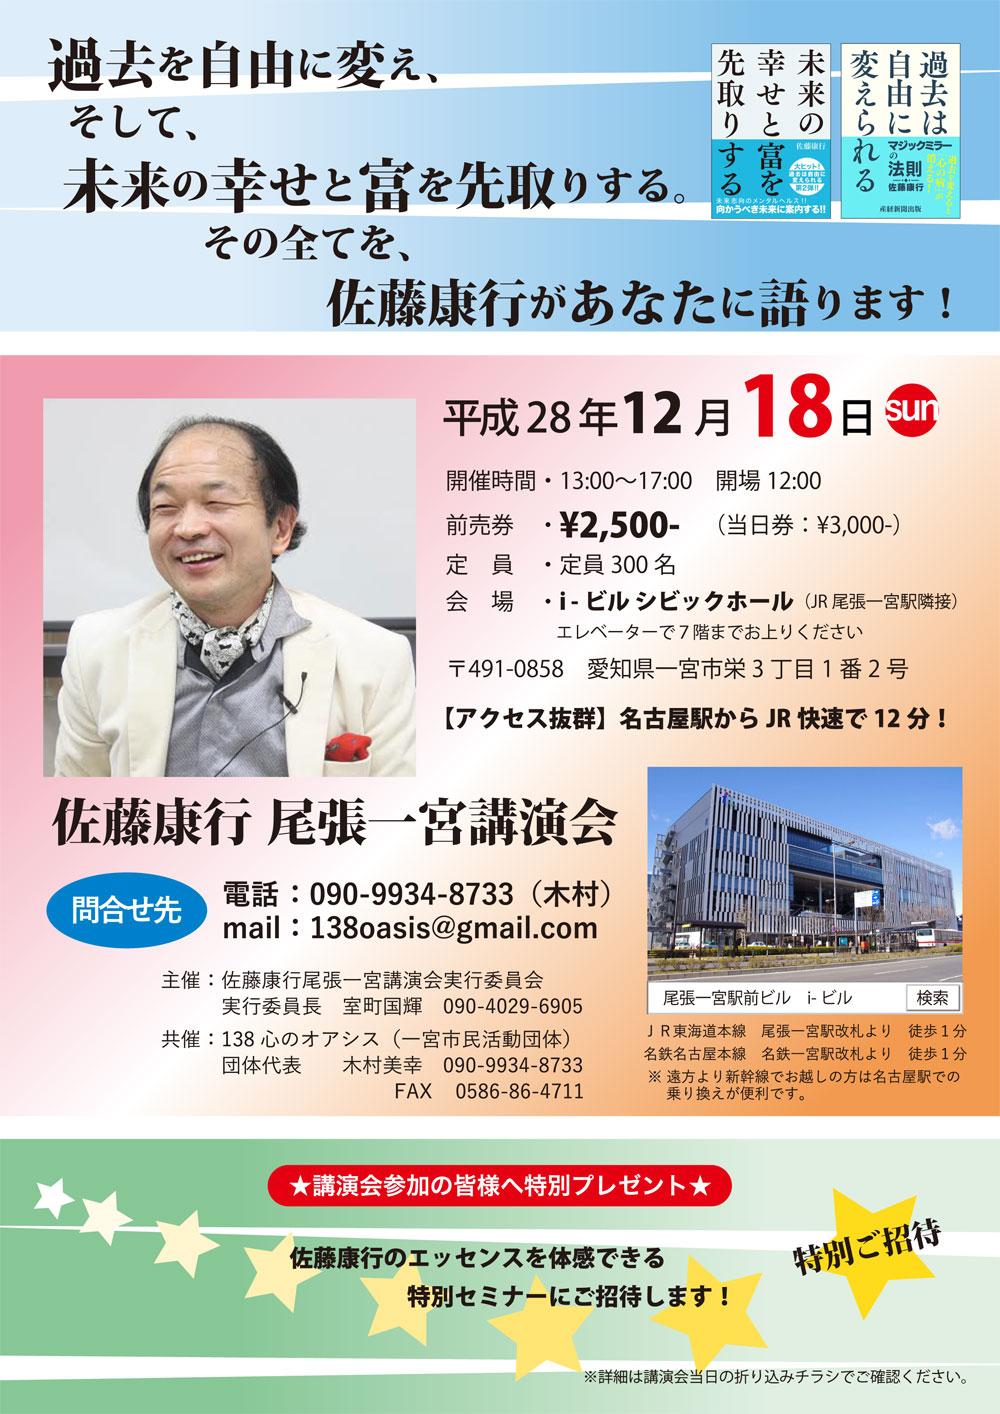 2016年12月18日(日)佐藤康行 尾張一宮講演会